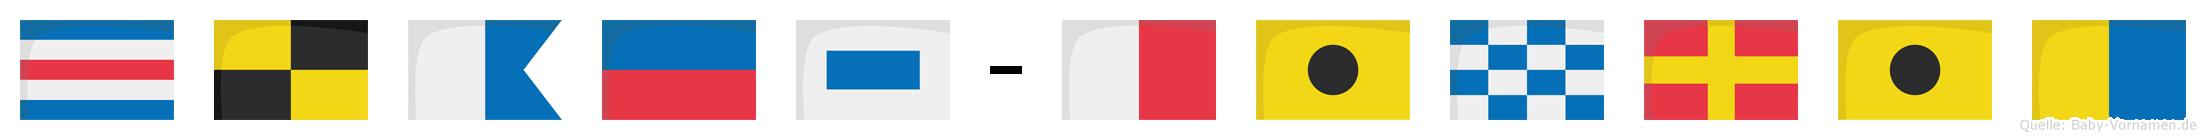 Claes-Hinrik im Flaggenalphabet